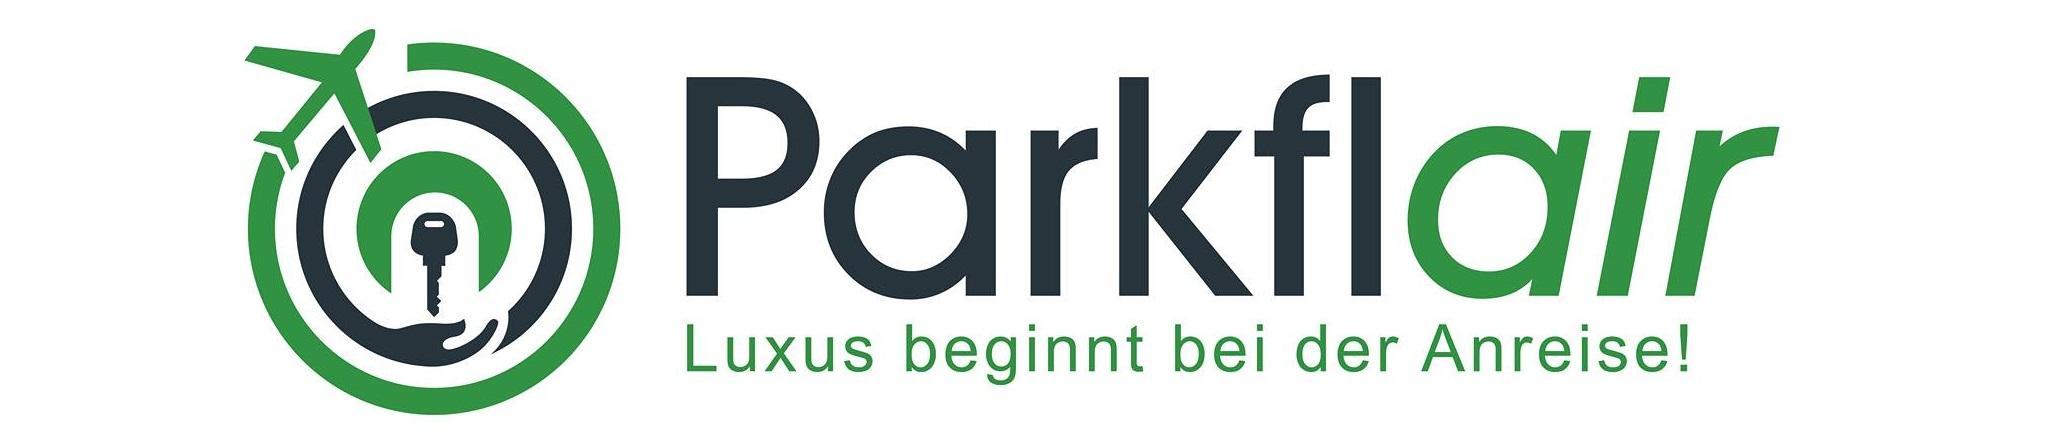 Parkflair.de